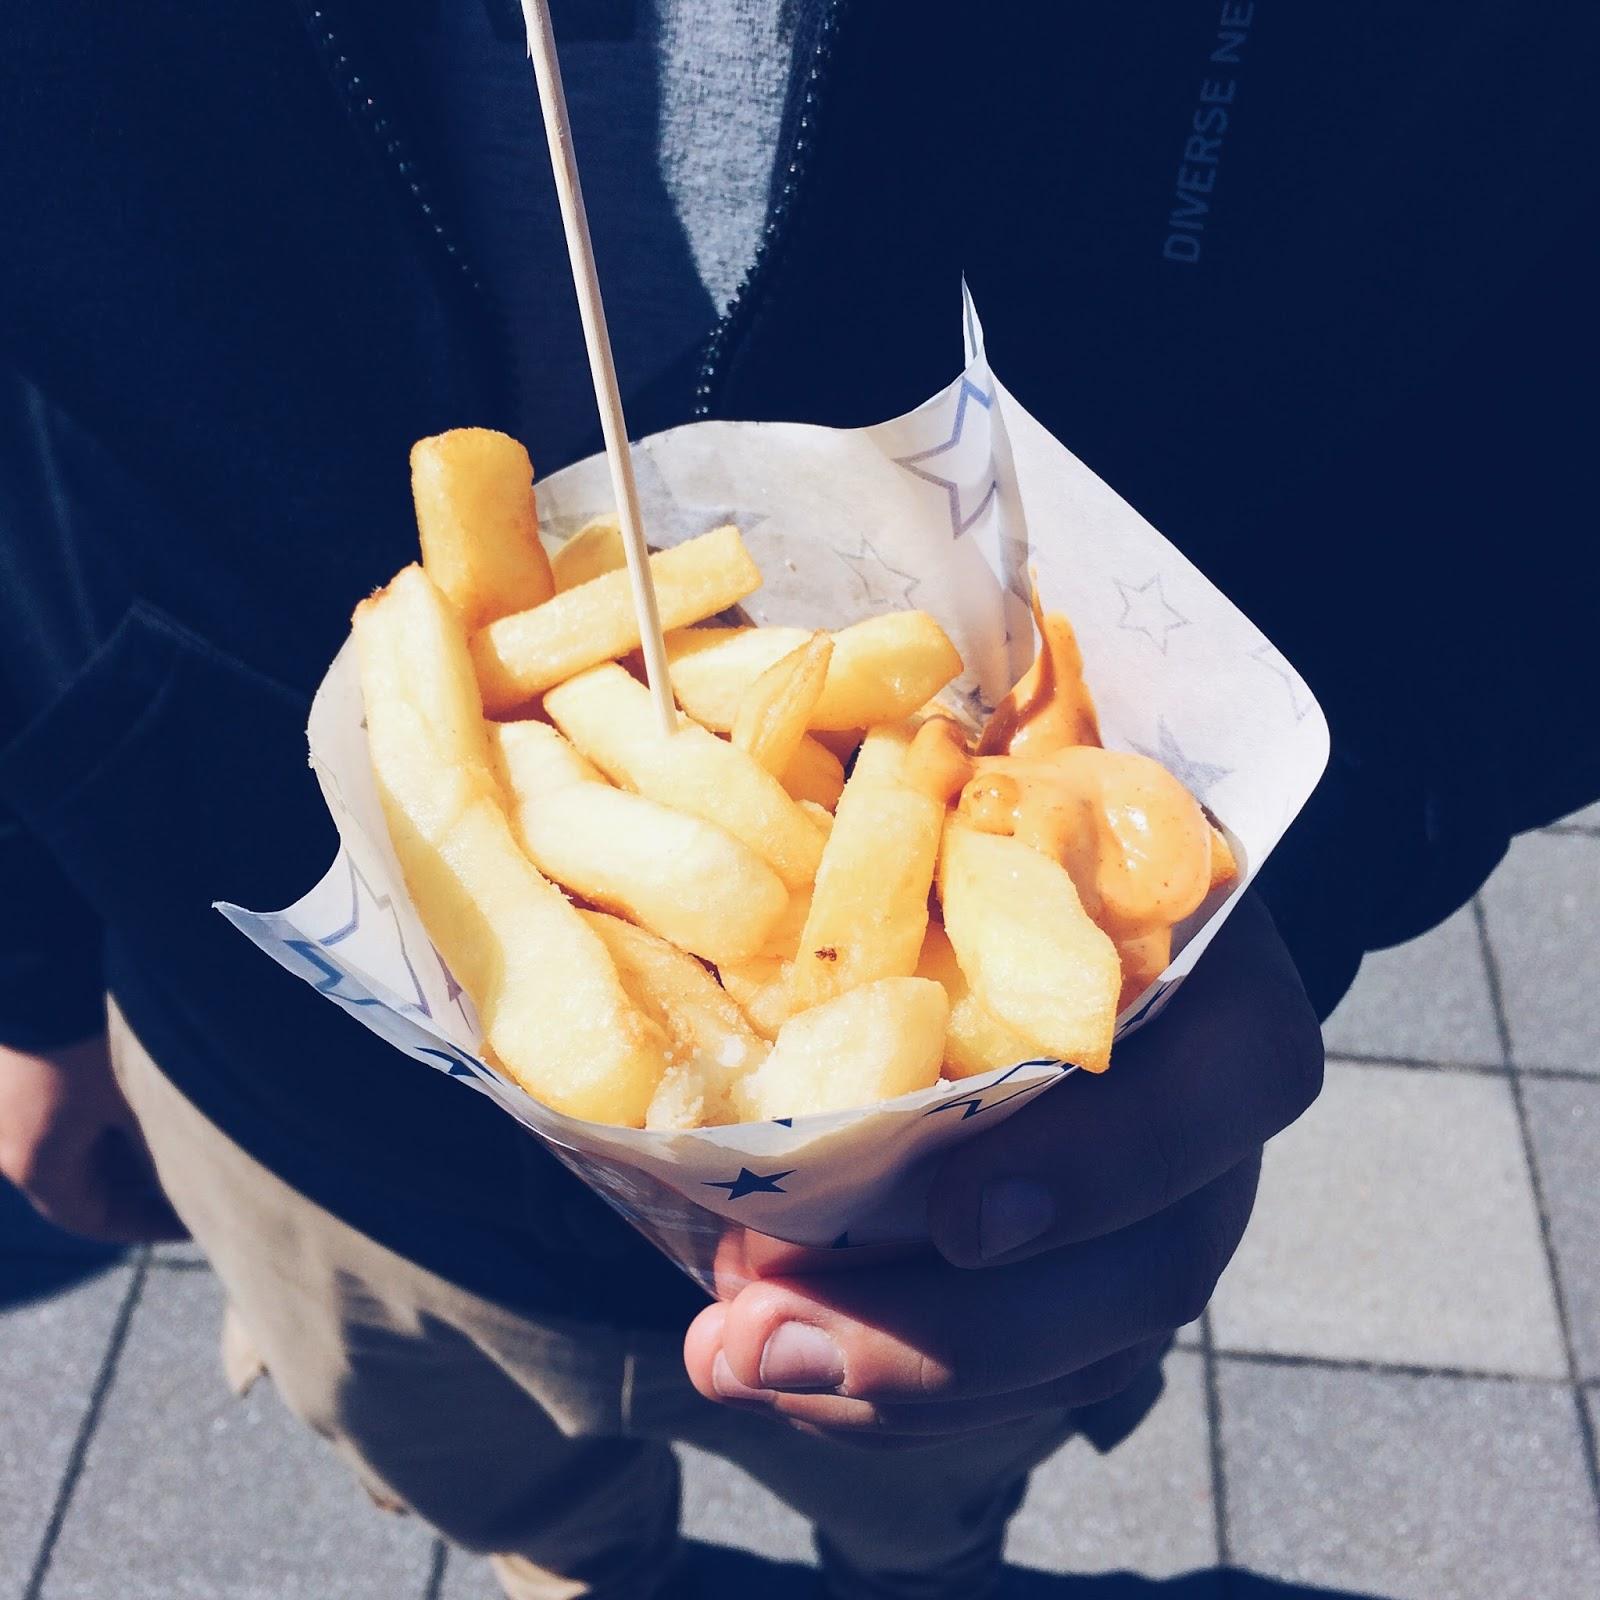 Frytki belgijskie z food trucka FrytkaBelgijska.pl